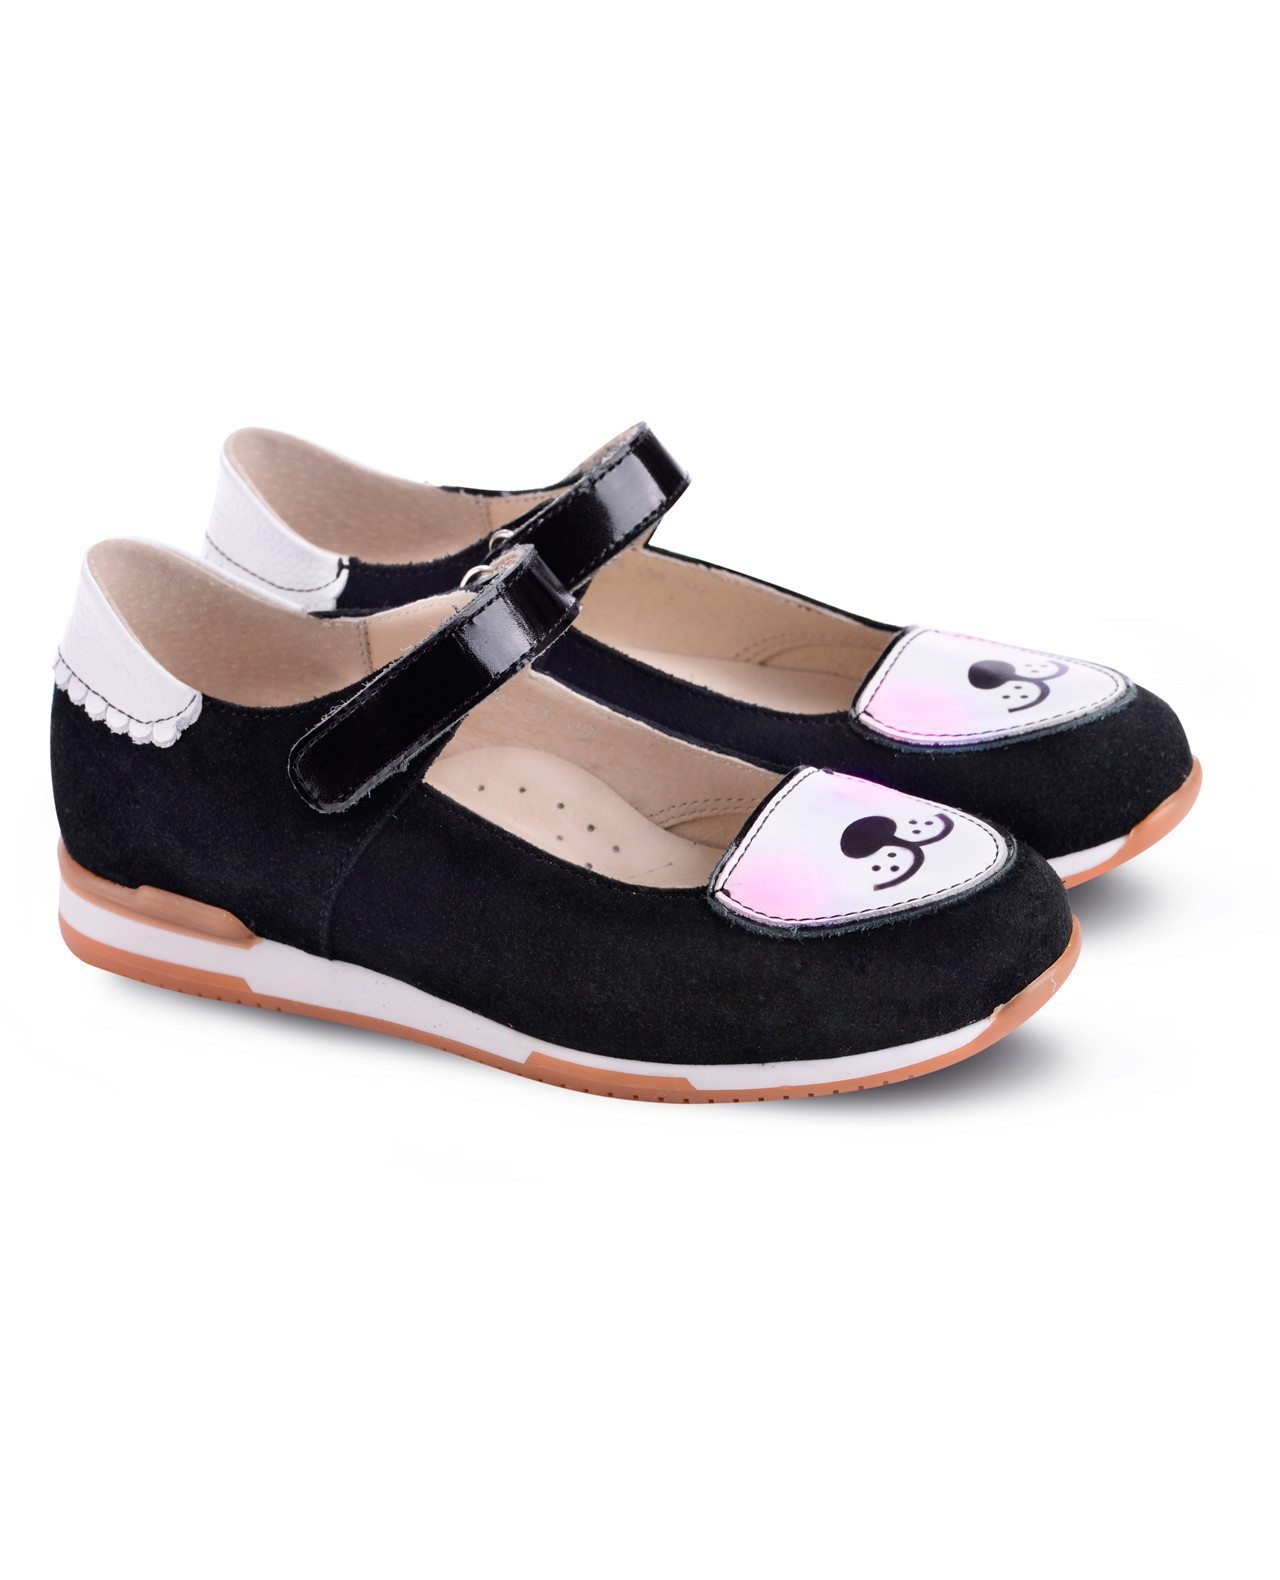 Туфли Детские, Tapiboo Степ (44502, 31 )Обувь для школы<br>Красота и элегантность в сочетании с полным <br>набором ортопедических свойств для ежедневной <br>профилактики плоскостопия. Широкий, устойчивый <br>каблук, специальной конфигурации «каблук <br>Томаса». Каблук продлен с внутренней стороны <br>до середины стопы, чтобы исключить вращение <br>(заваливание) стопы вовнутрь (пронационный <br>компонент деформации, так называемая косолапость, <br>или вальгусная деформация). Многослойная, <br>анатомическая стелька со сводоподдерживающим <br>элементом для правильного формирования <br>стопы. Благодаря использованию современных <br>внутренних материалов позволяет оптимально <br>распределить нагрузку по всей площади стопы <br>и свести к минимуму ее ударную составляющую. <br>Жесткий фиксирующий задник надежно стабилизирует <br>голеностопный сустав во время ходьбы. Подкладка <br>из натуральной кожи обладает повышенной <br>износостойкостью в сочетании с мягкостью <br>и отличной способностью пропускать воздух <br>для создания оптимального температурного <br>режима (нога не потеет).<br>Размер INT: M; Цвет: Красный; Ширина: 100; Высота: 200; Вес: 1000;